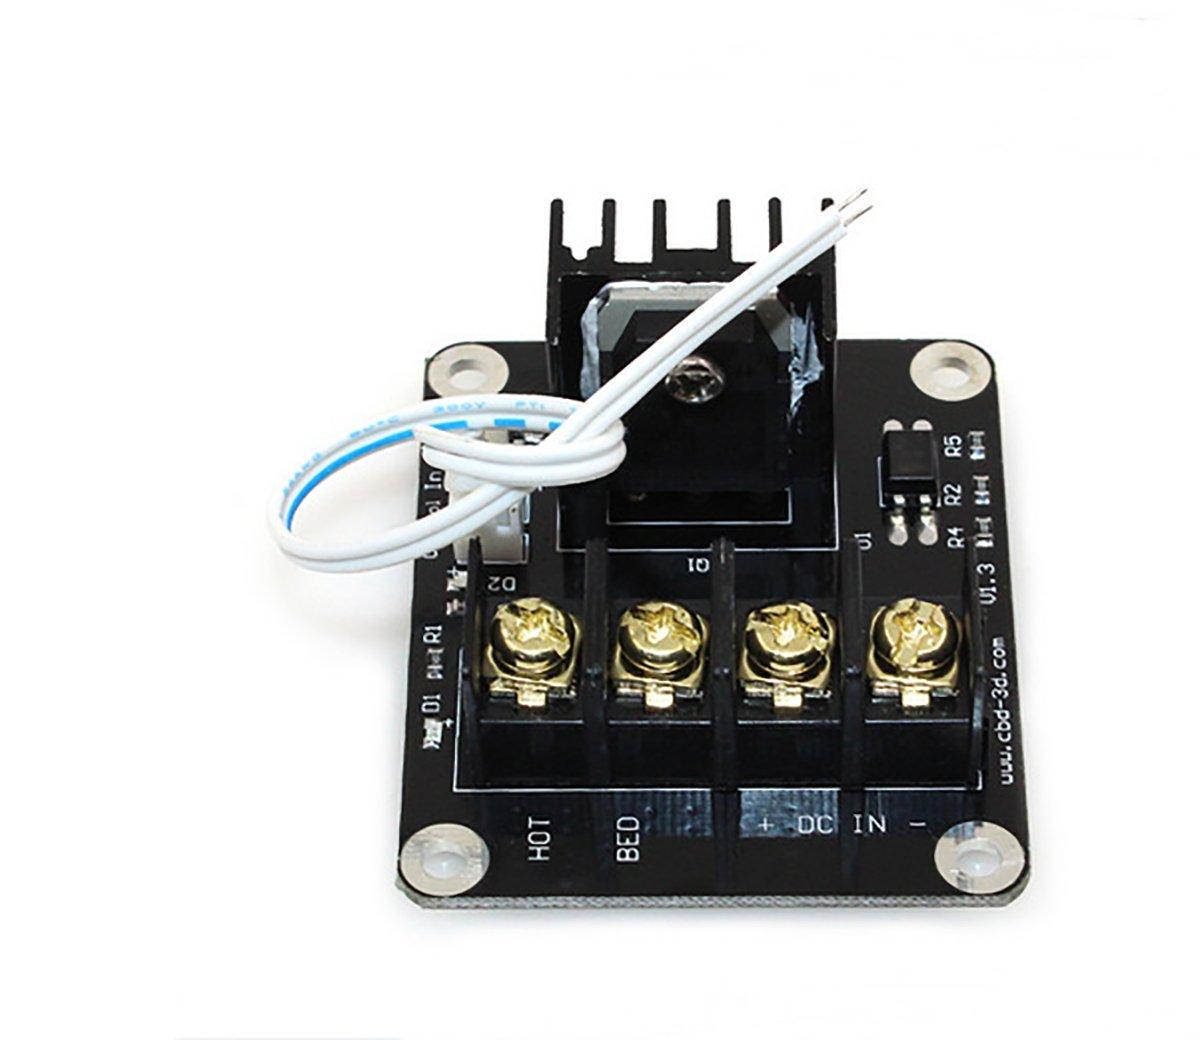 Tking MOS Tube Hochstrombelastungsmodul Hitzebett MOS Tube Hot Bed Power Module Erweiterung f/ür 3D Drucker Heizung Bett Zubeh/ör